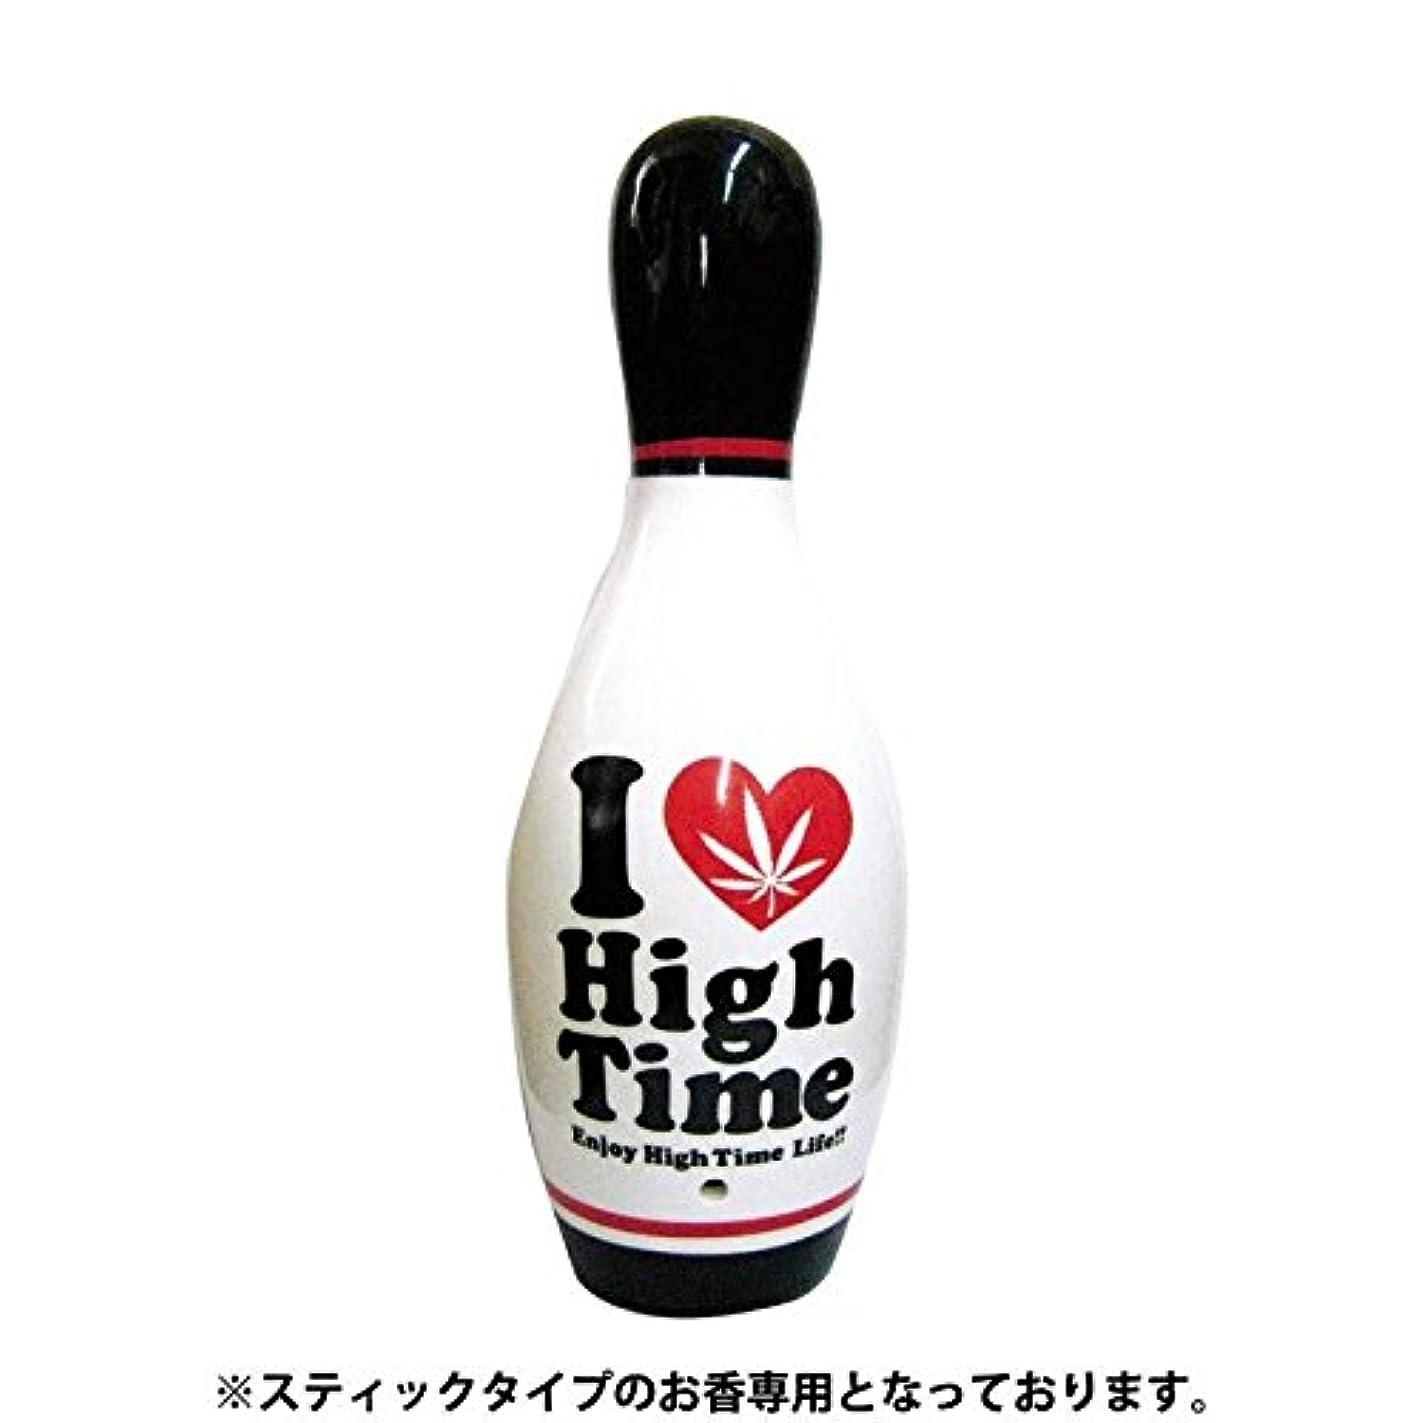 わずかなスパーク感性I Love High Time ボーリングピン香立て WH ARO-1072